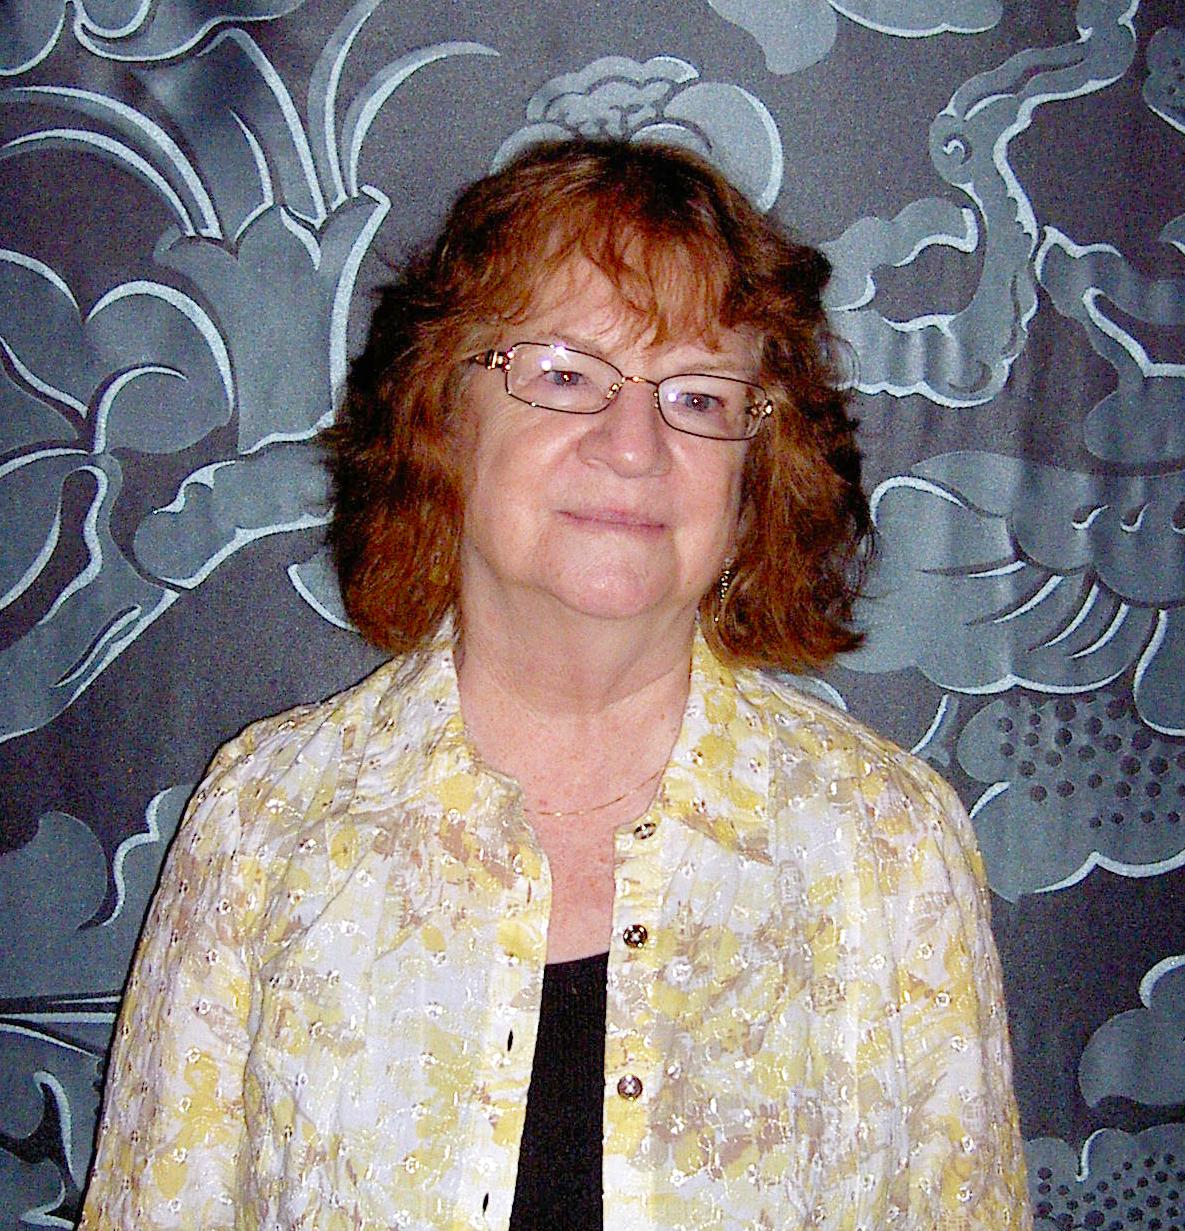 Patricia A Mckillip Wikiquote